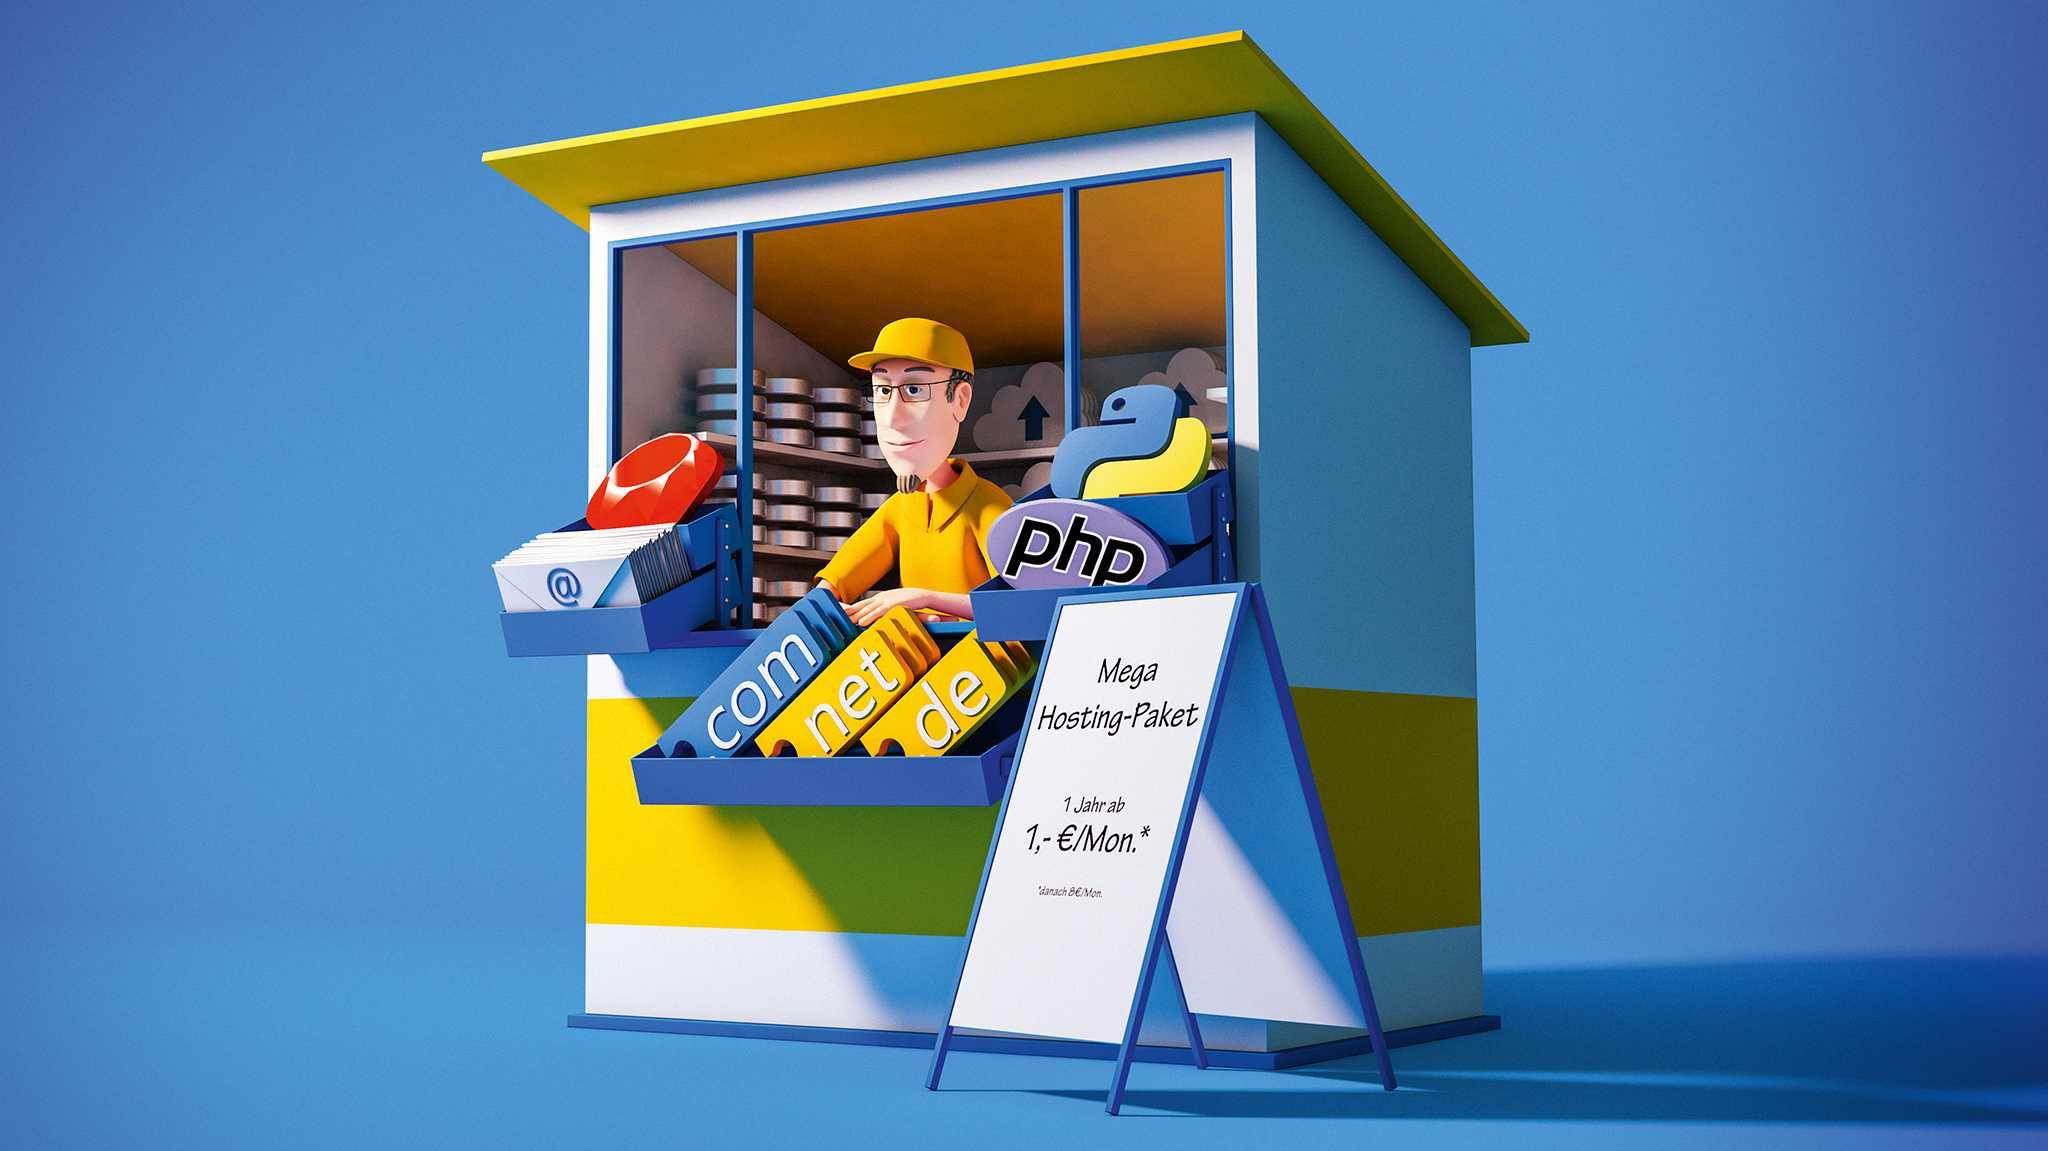 Acht Webhosting-Pakete für dynamische Inhalte im Test